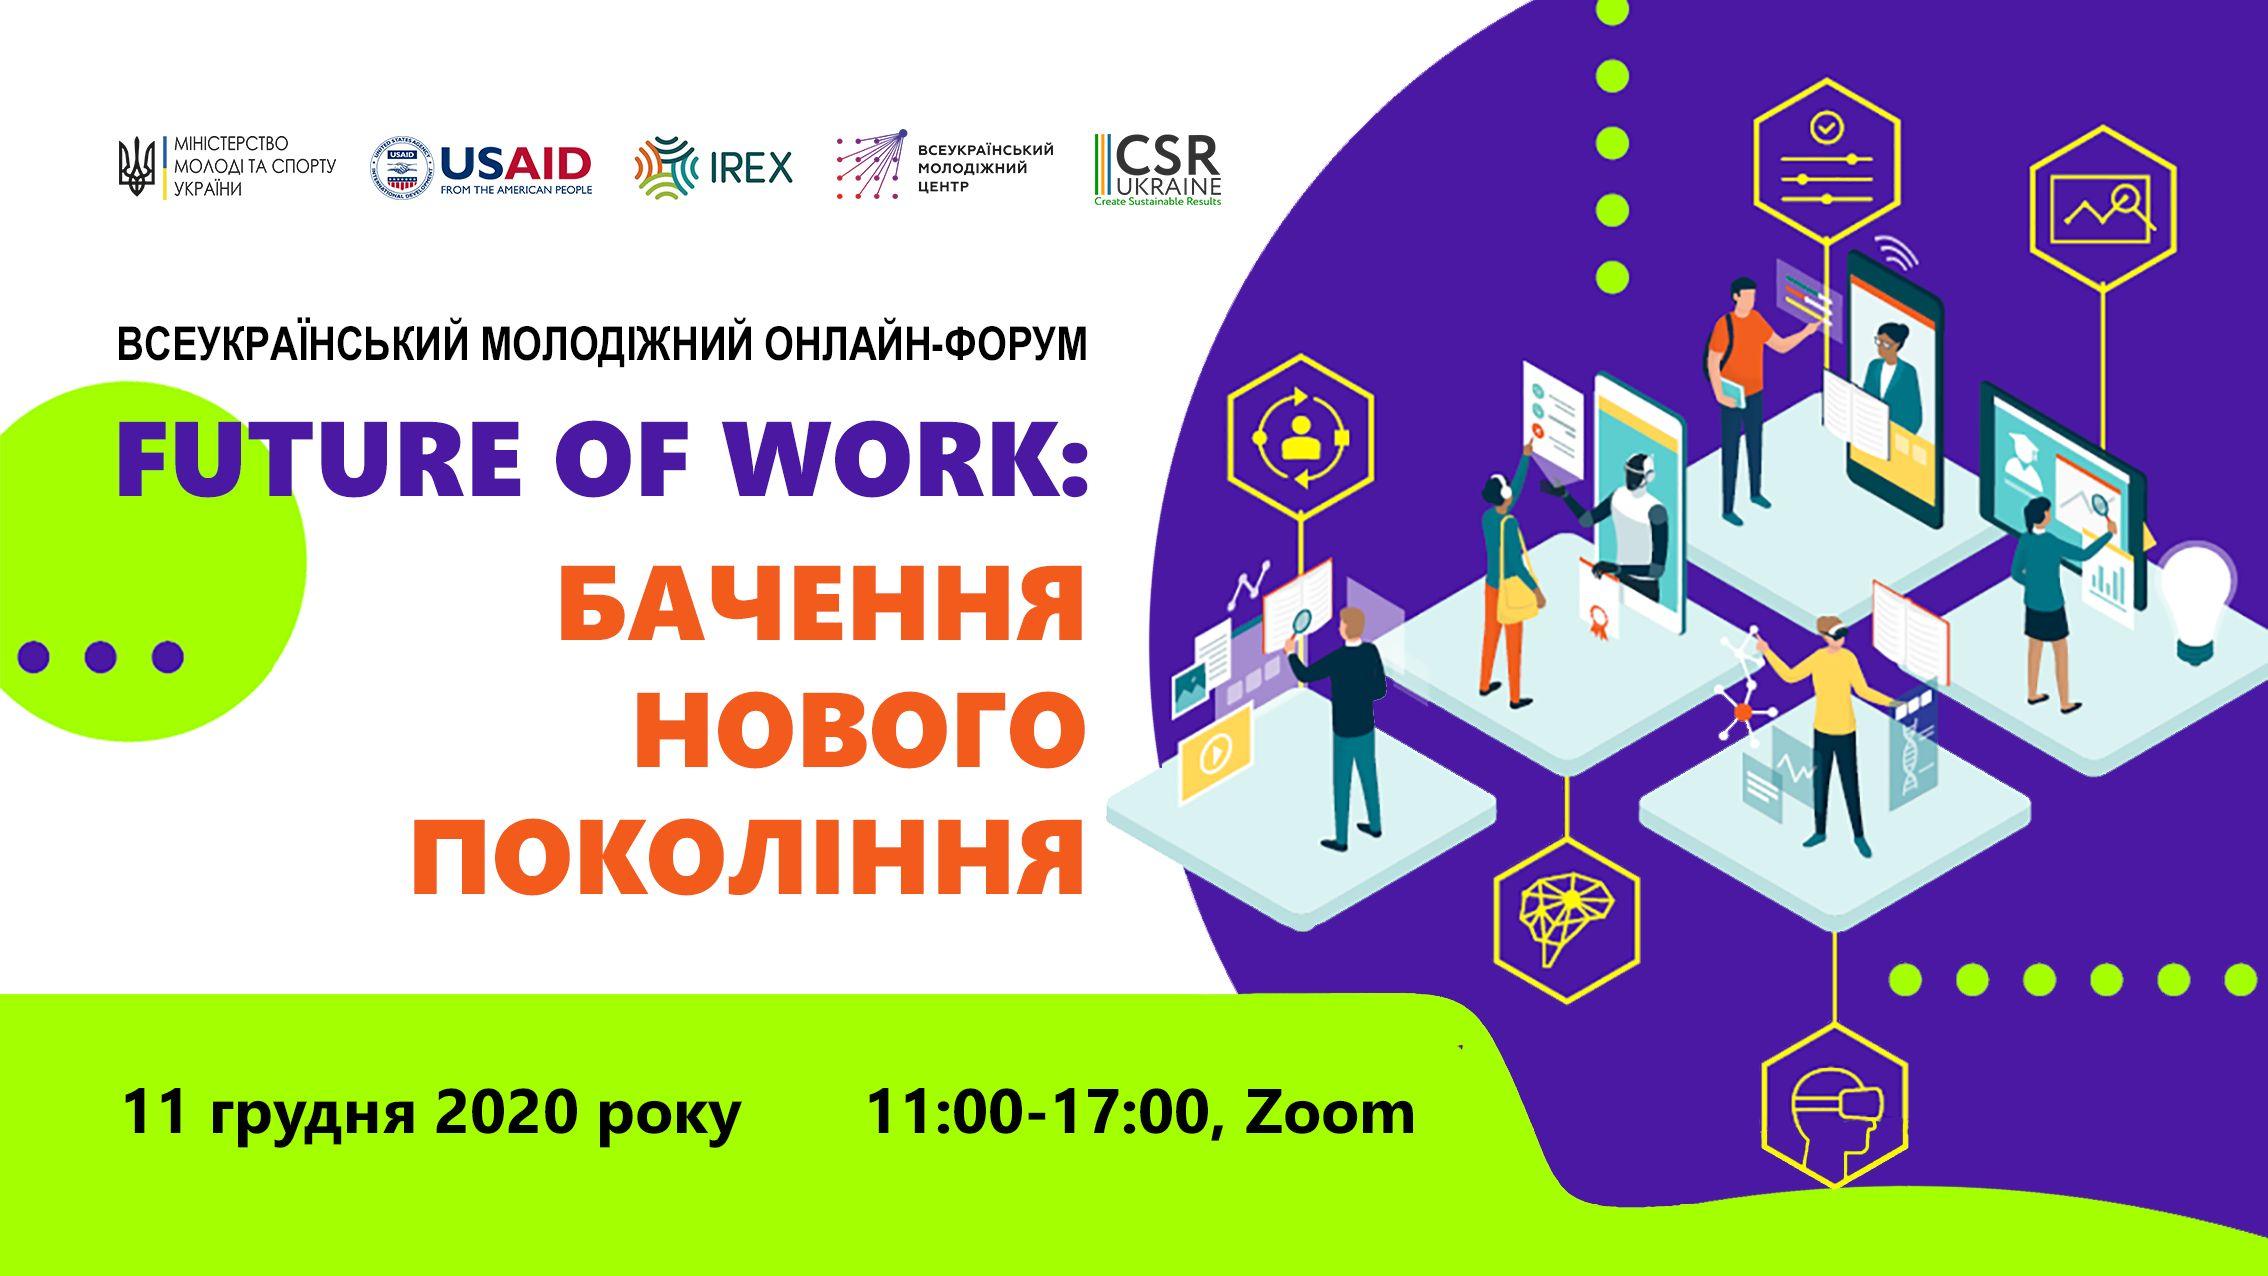 Всеукраїнський молодіжний онлайн-форум  «Future of Work: бачення нового покоління»